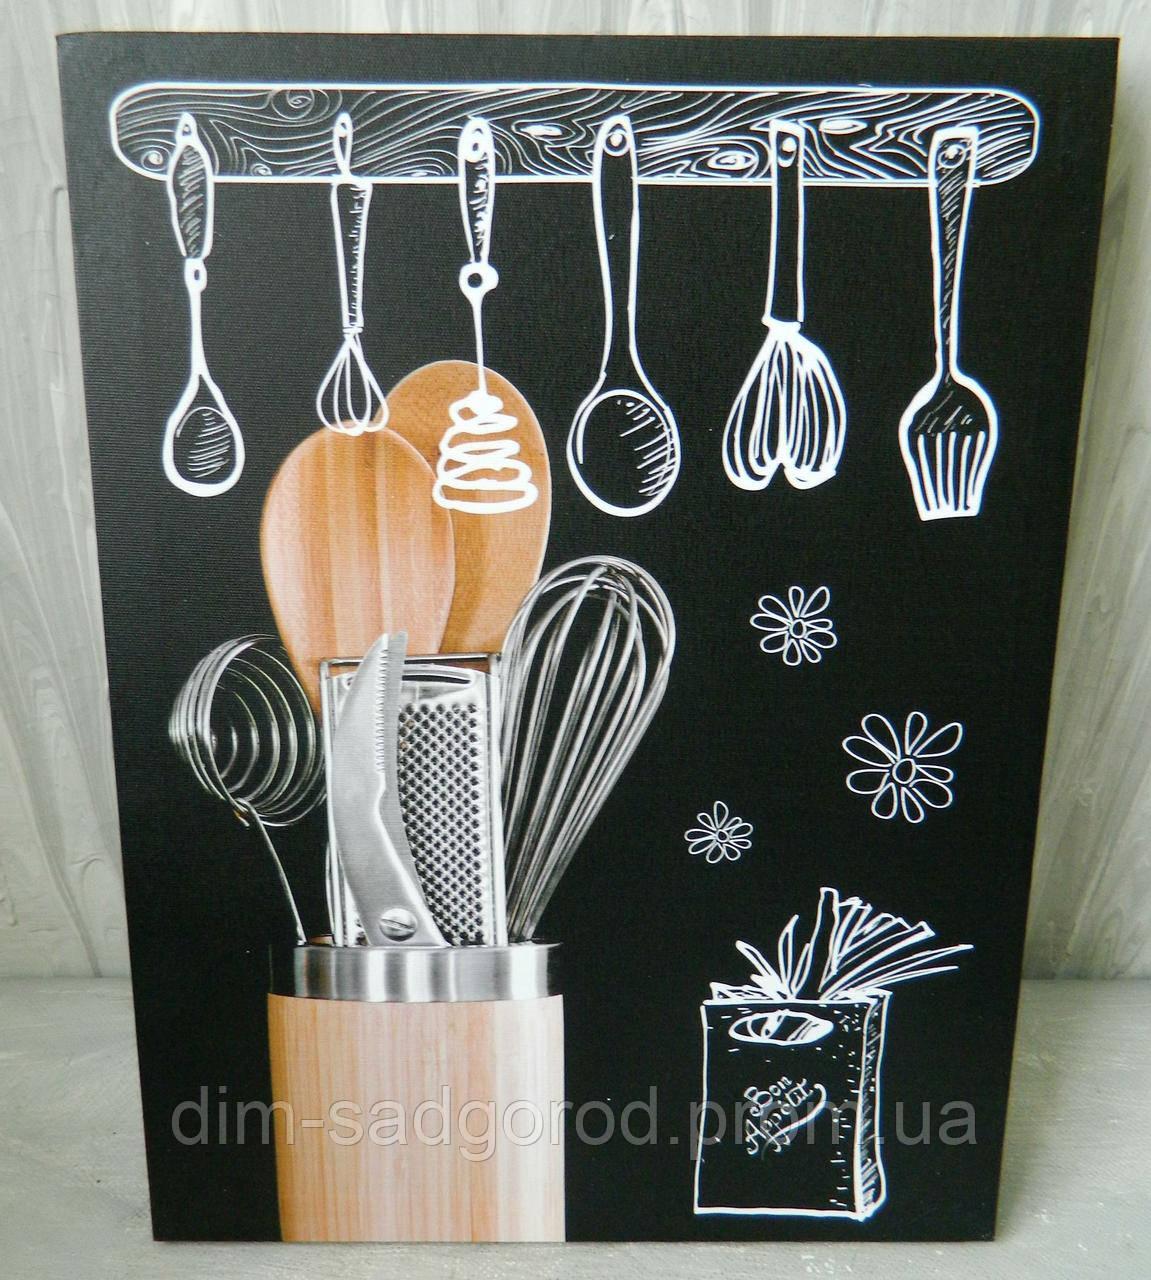 Картина Кухонне приладдя Картина Кухонные принадлежности: продажа ...